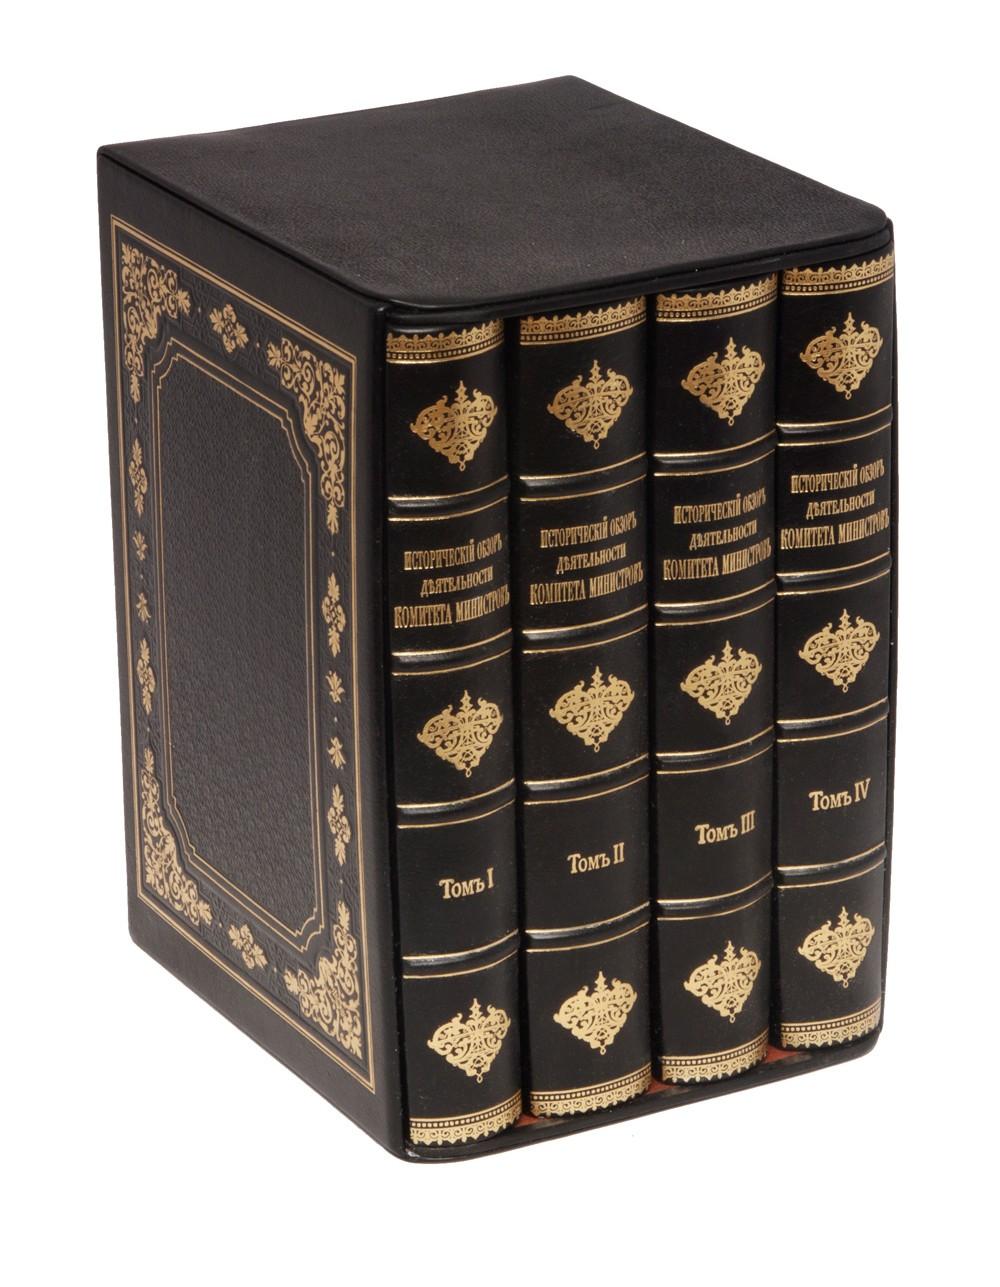 Сборник книг Кабинет министров